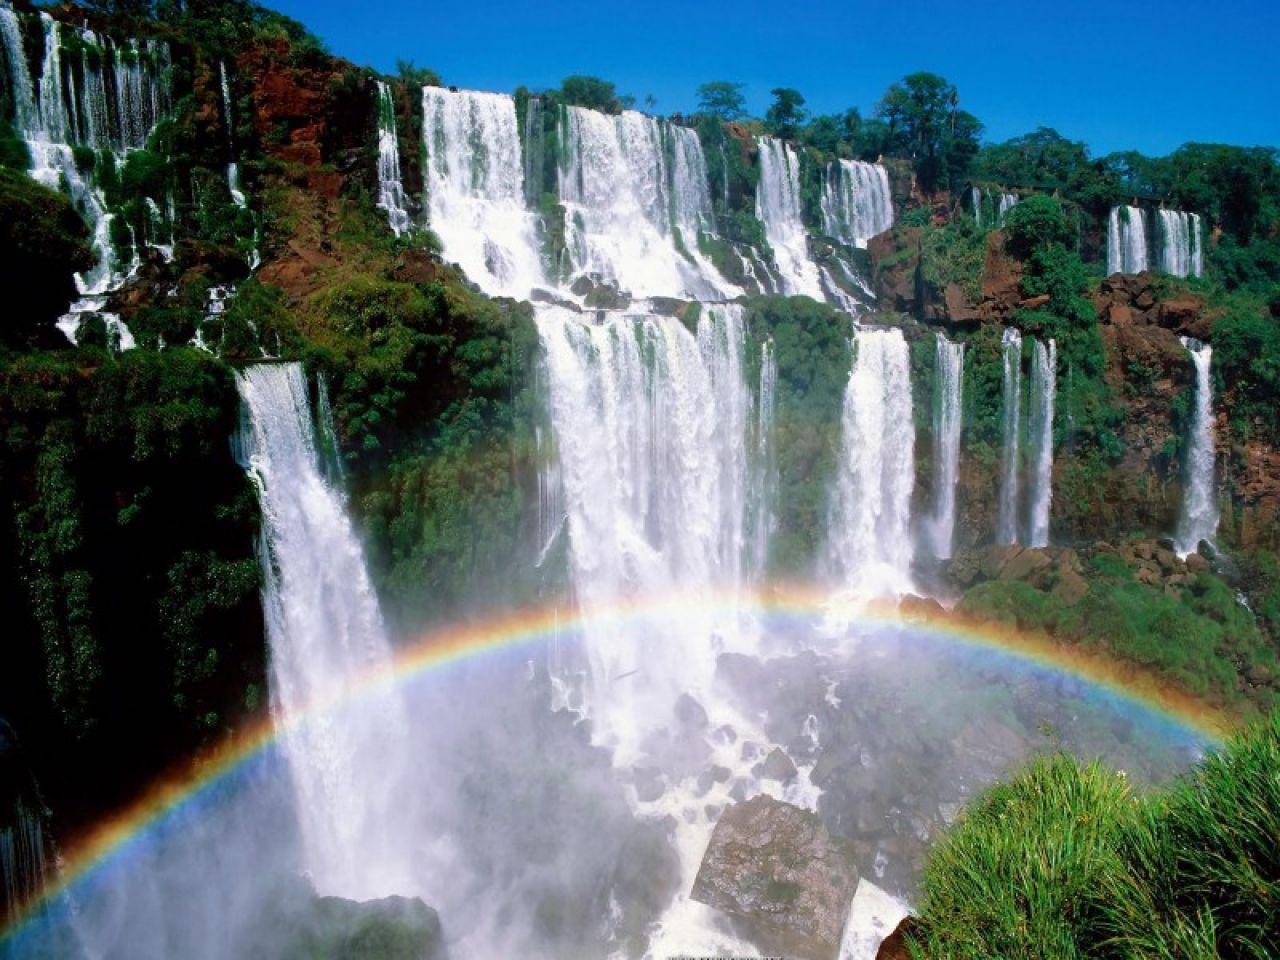 ... De Pantalla y Mucho Más: Fondos de Pantalla de Paisajes - Cascadas